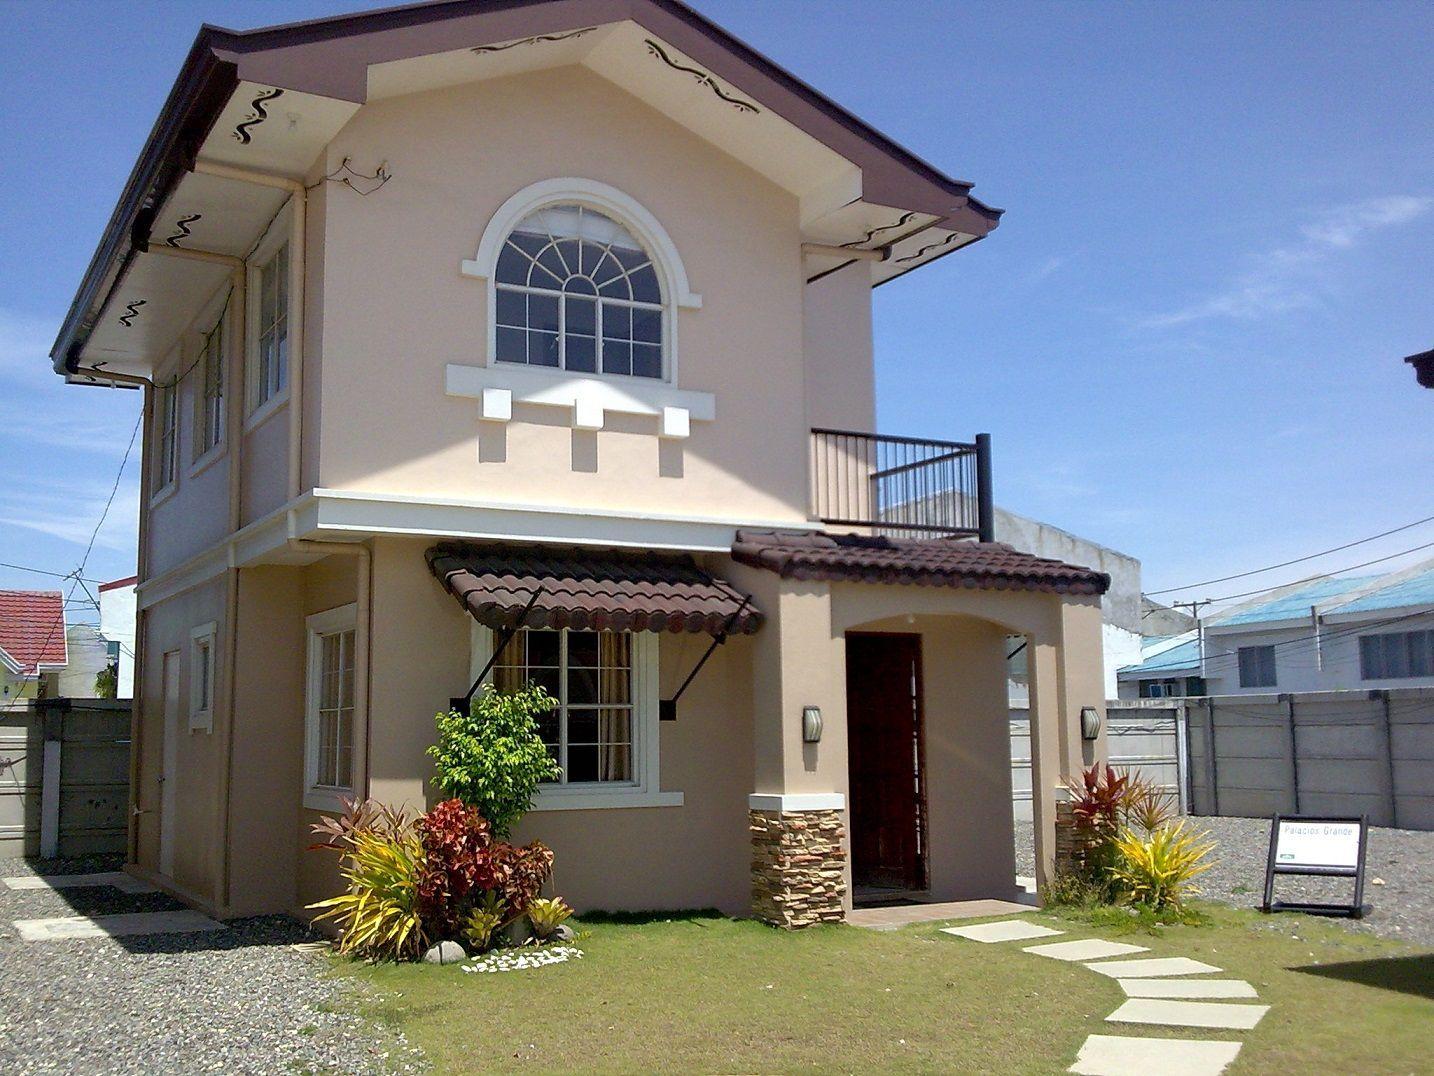 Casas Americanas Dos Plantas Fachadas Buscar Con Google Casas De Dos Pisos Casas Casas Pequenas